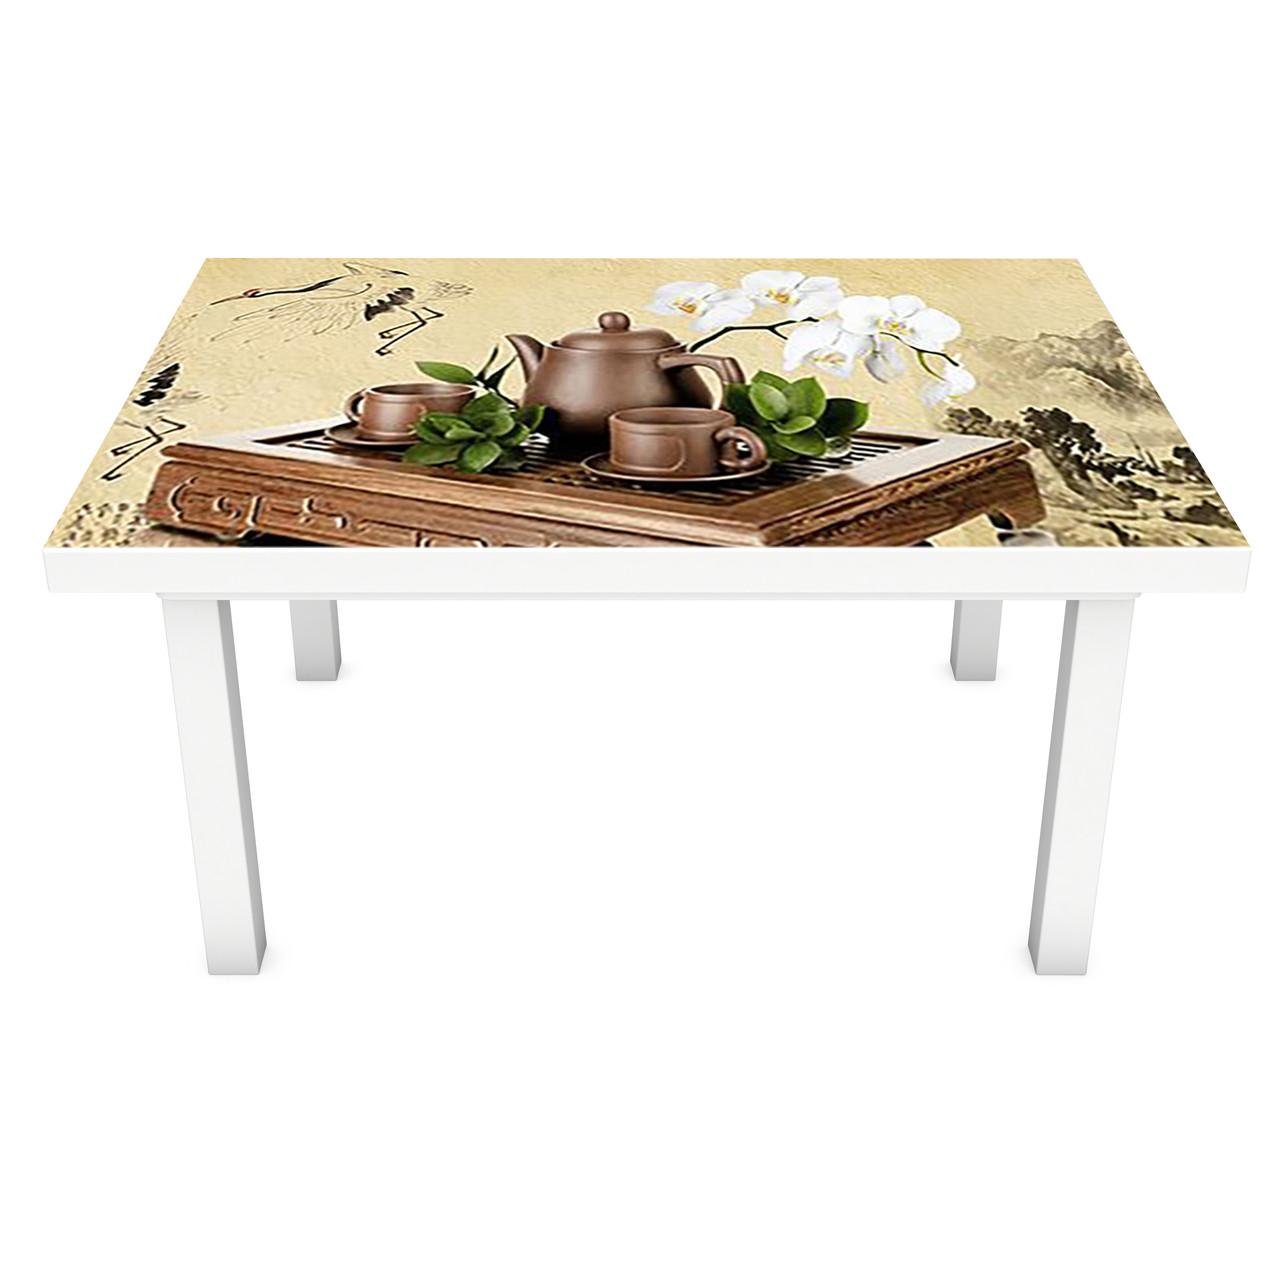 Наклейка на стол виниловая Китайское чаепитие Азия чай на мебель интерьерная ПВХ пленка бежевый 600*1200 мм